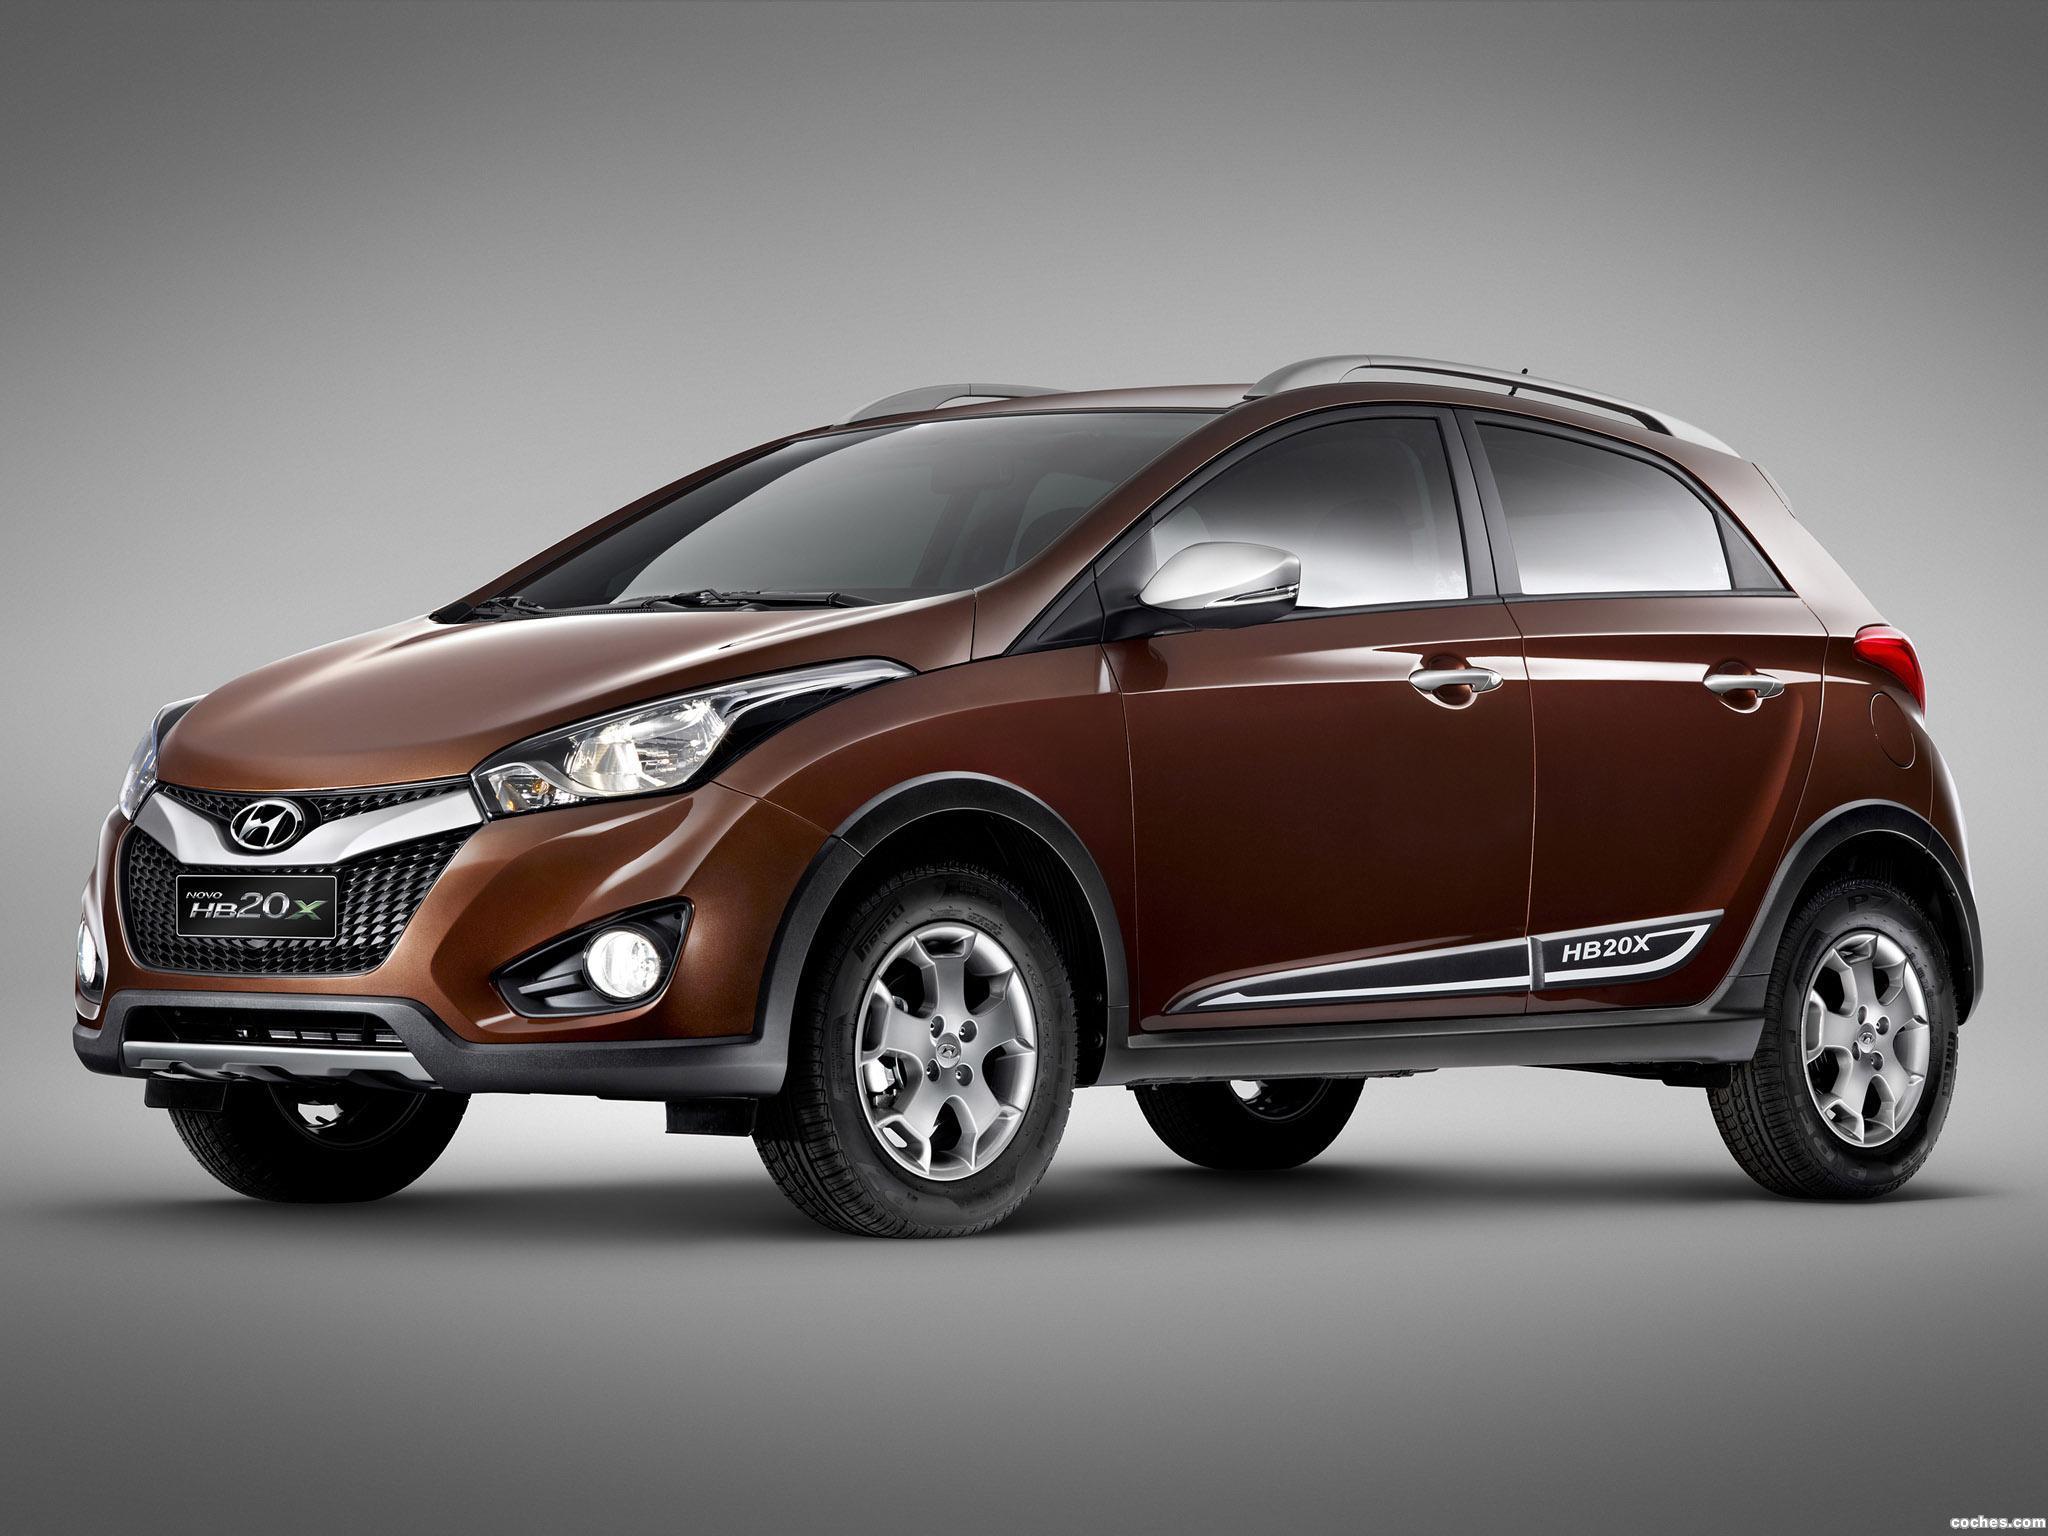 Foto 0 de Hyundai HB20X 2012